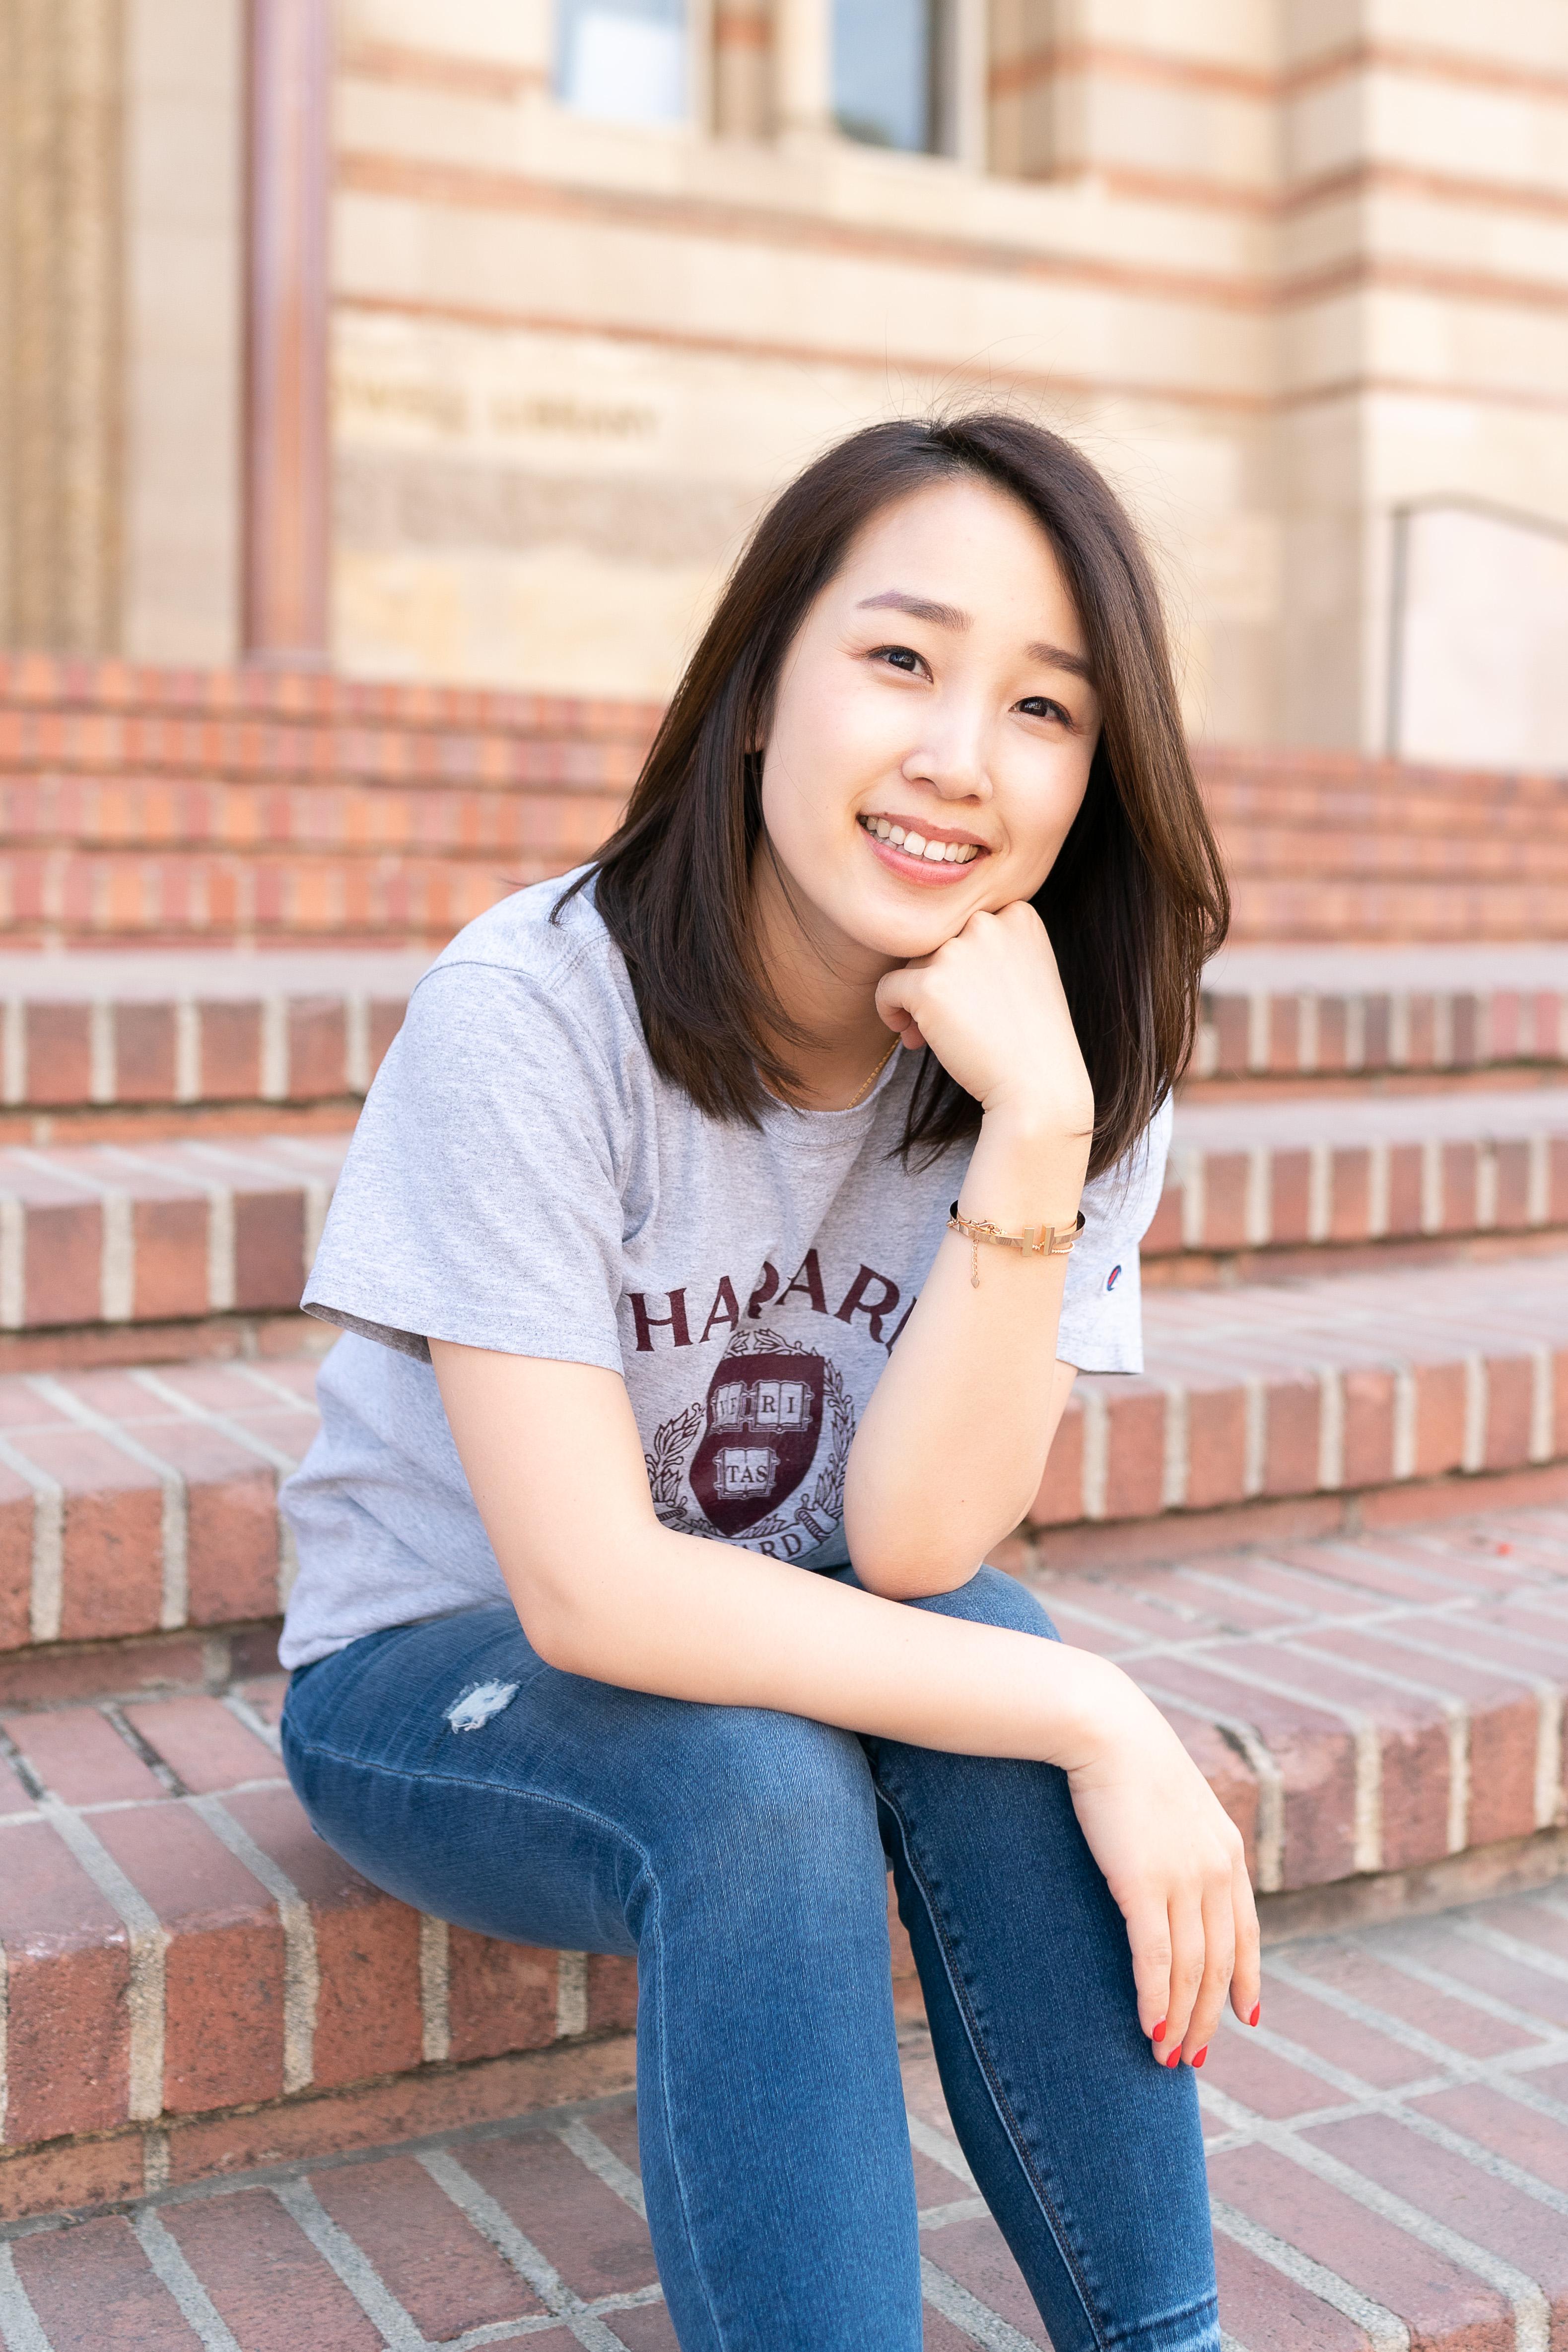 Julie Kim Ed.M Harvard University